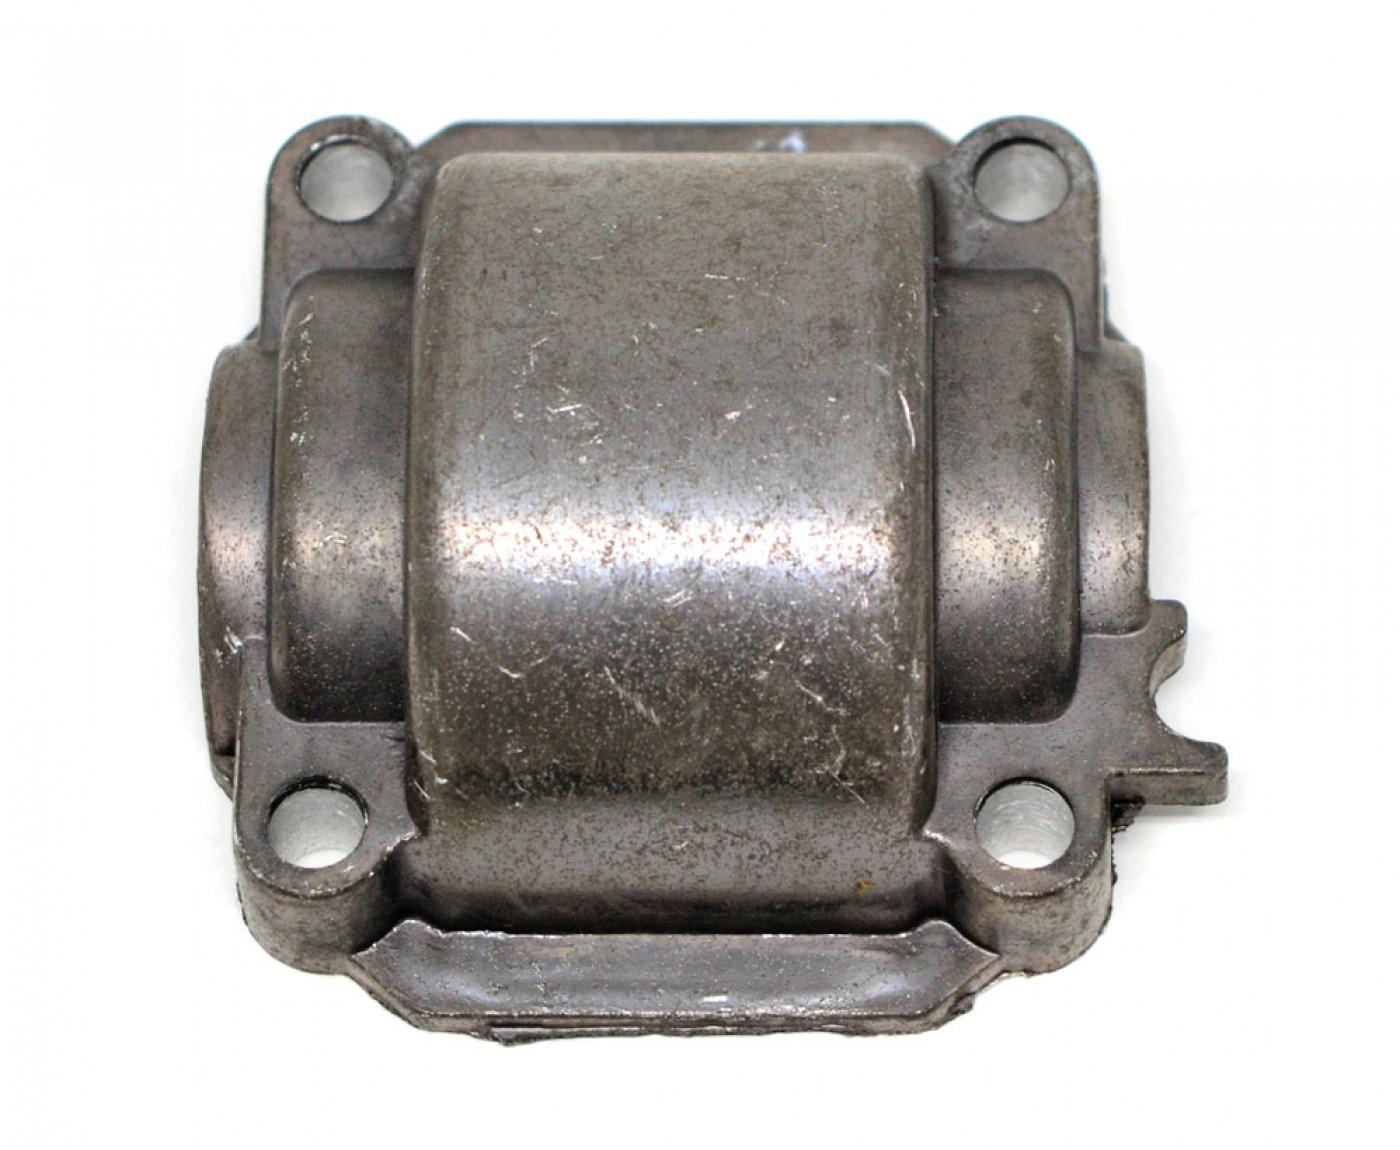 Spodný kryt motora Stihl MS170 MS180 017 018 (1130 021 2504)